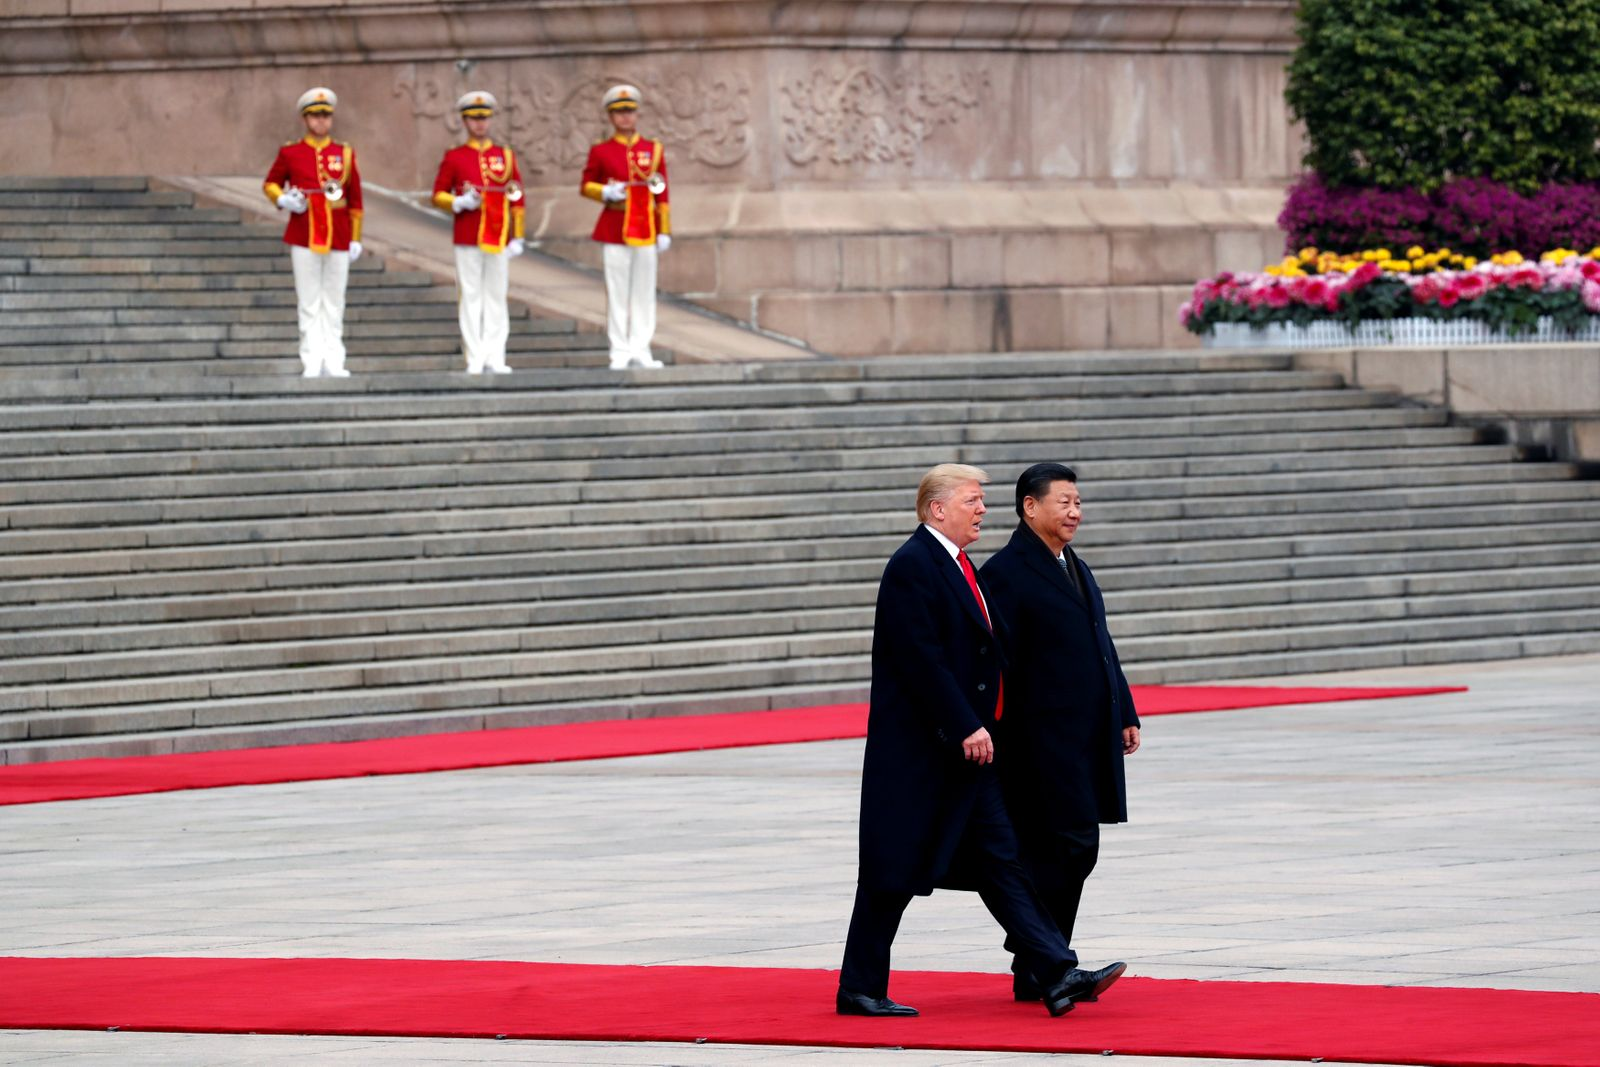 Donald Trump/ Xi Jinping